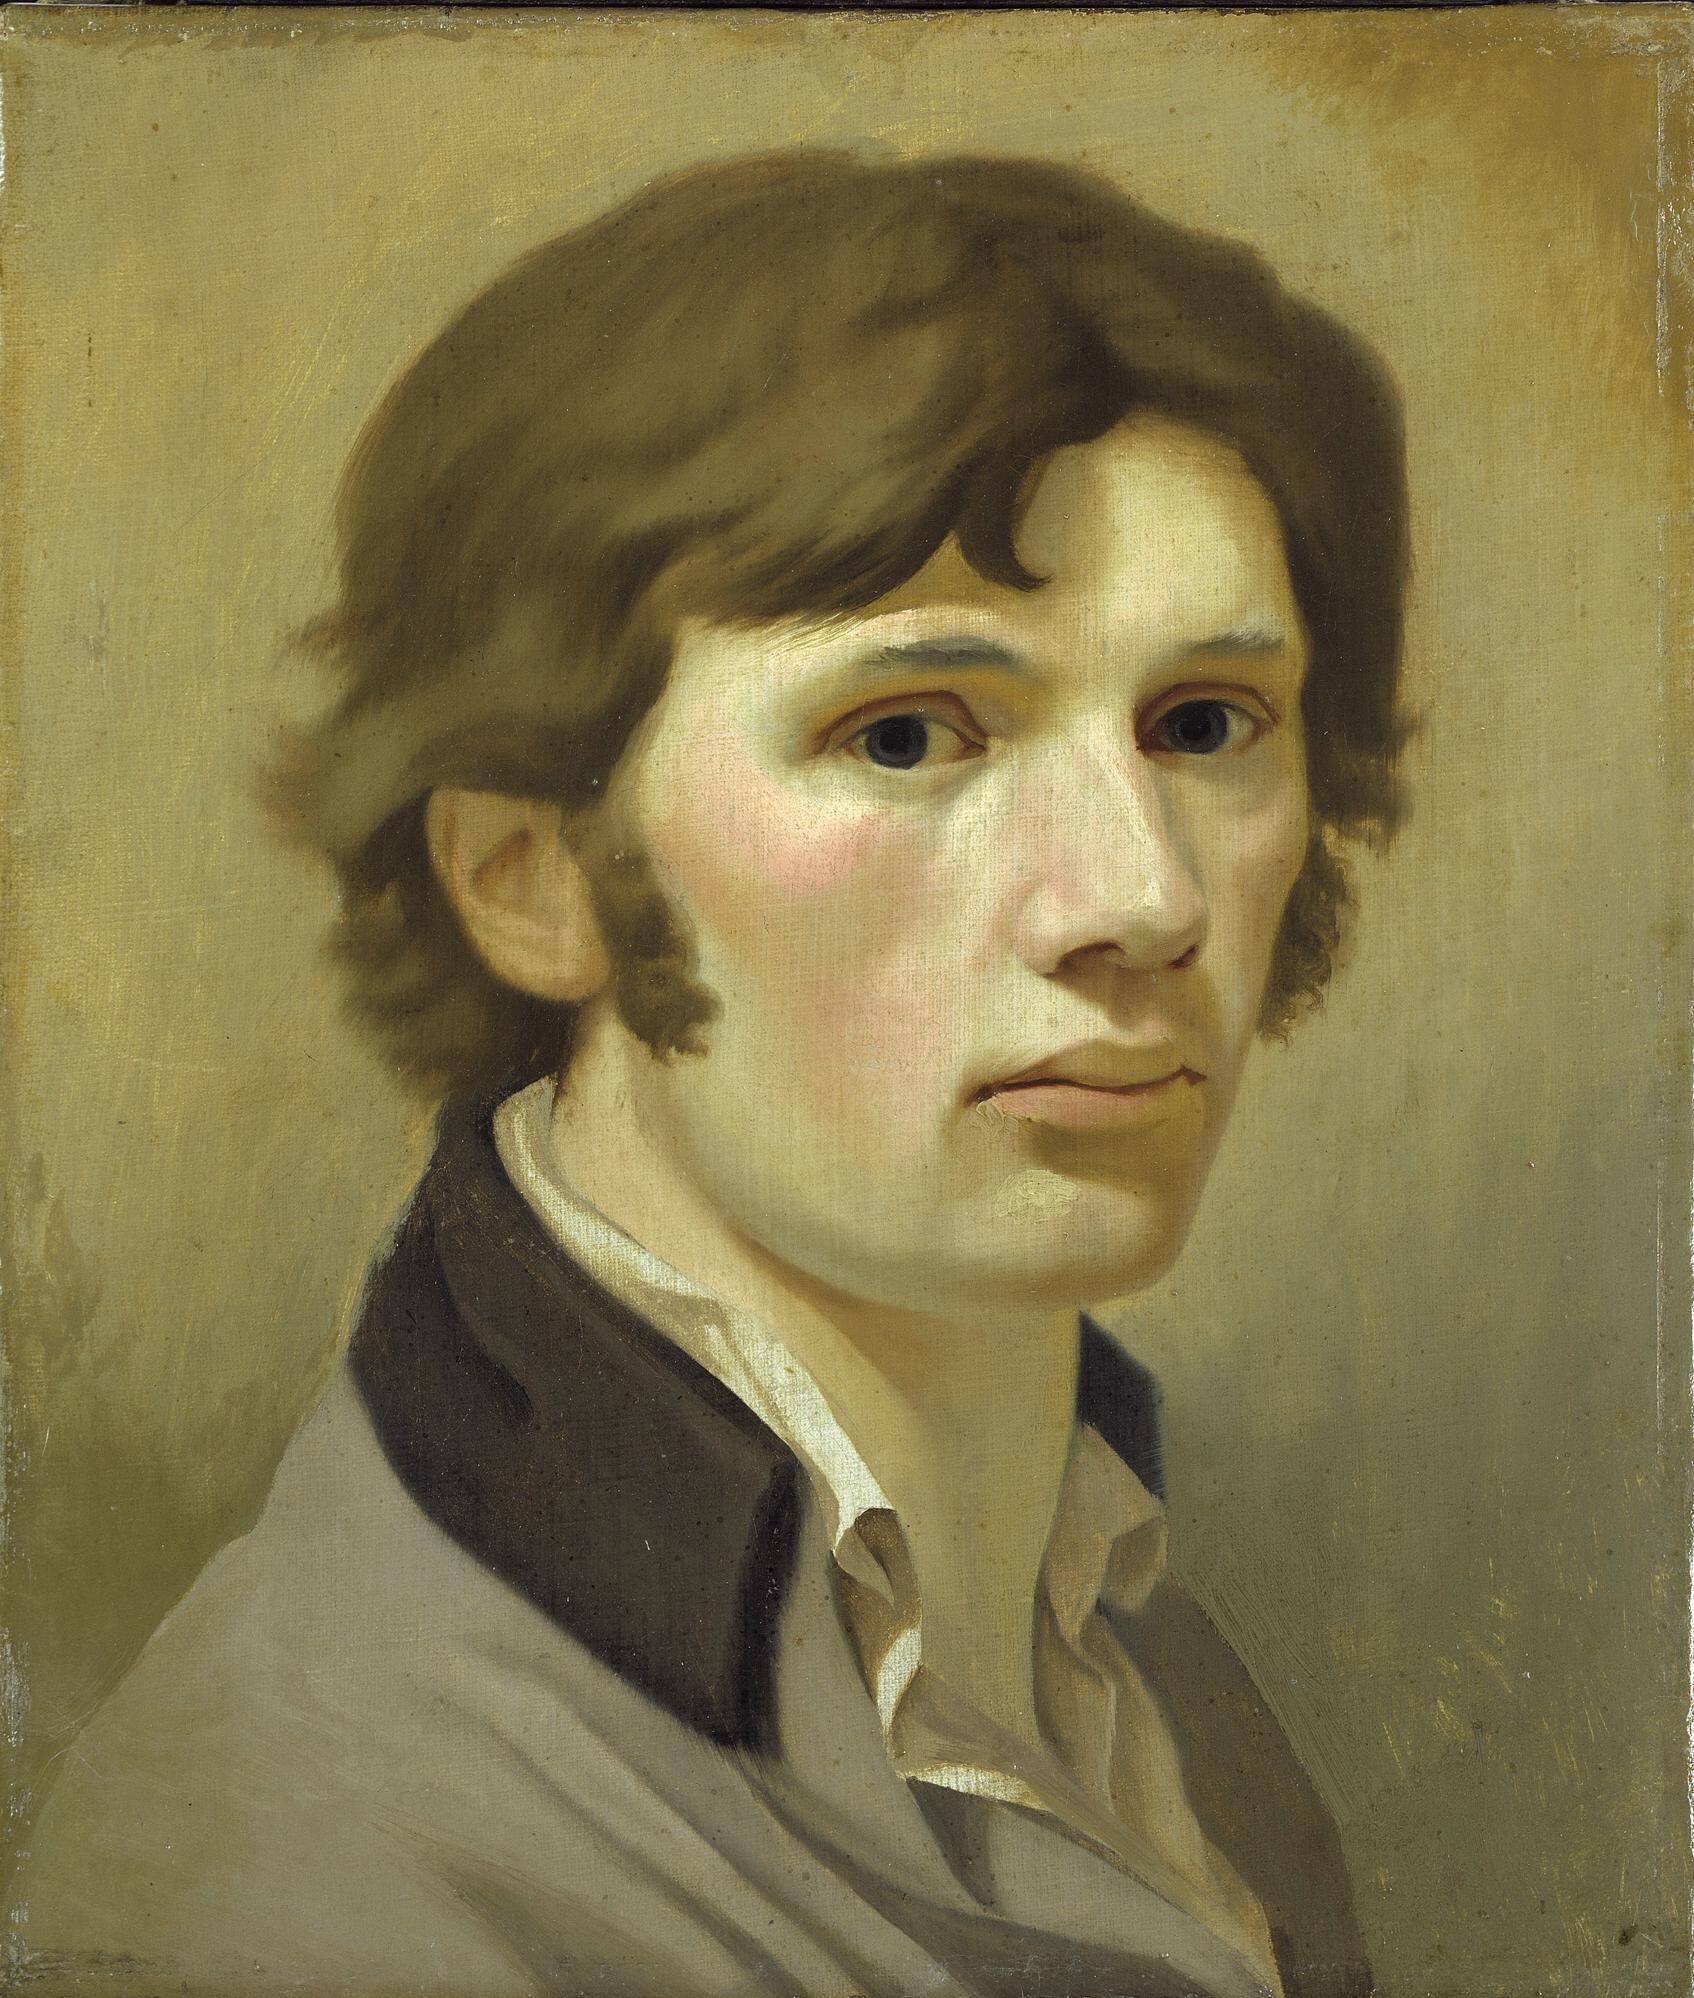 Philipp Otto Runge Selbstbildnis mit braunem Kragen, um 1802 © Hamburger Kunsthalle / bpk Foto: Elke Walford